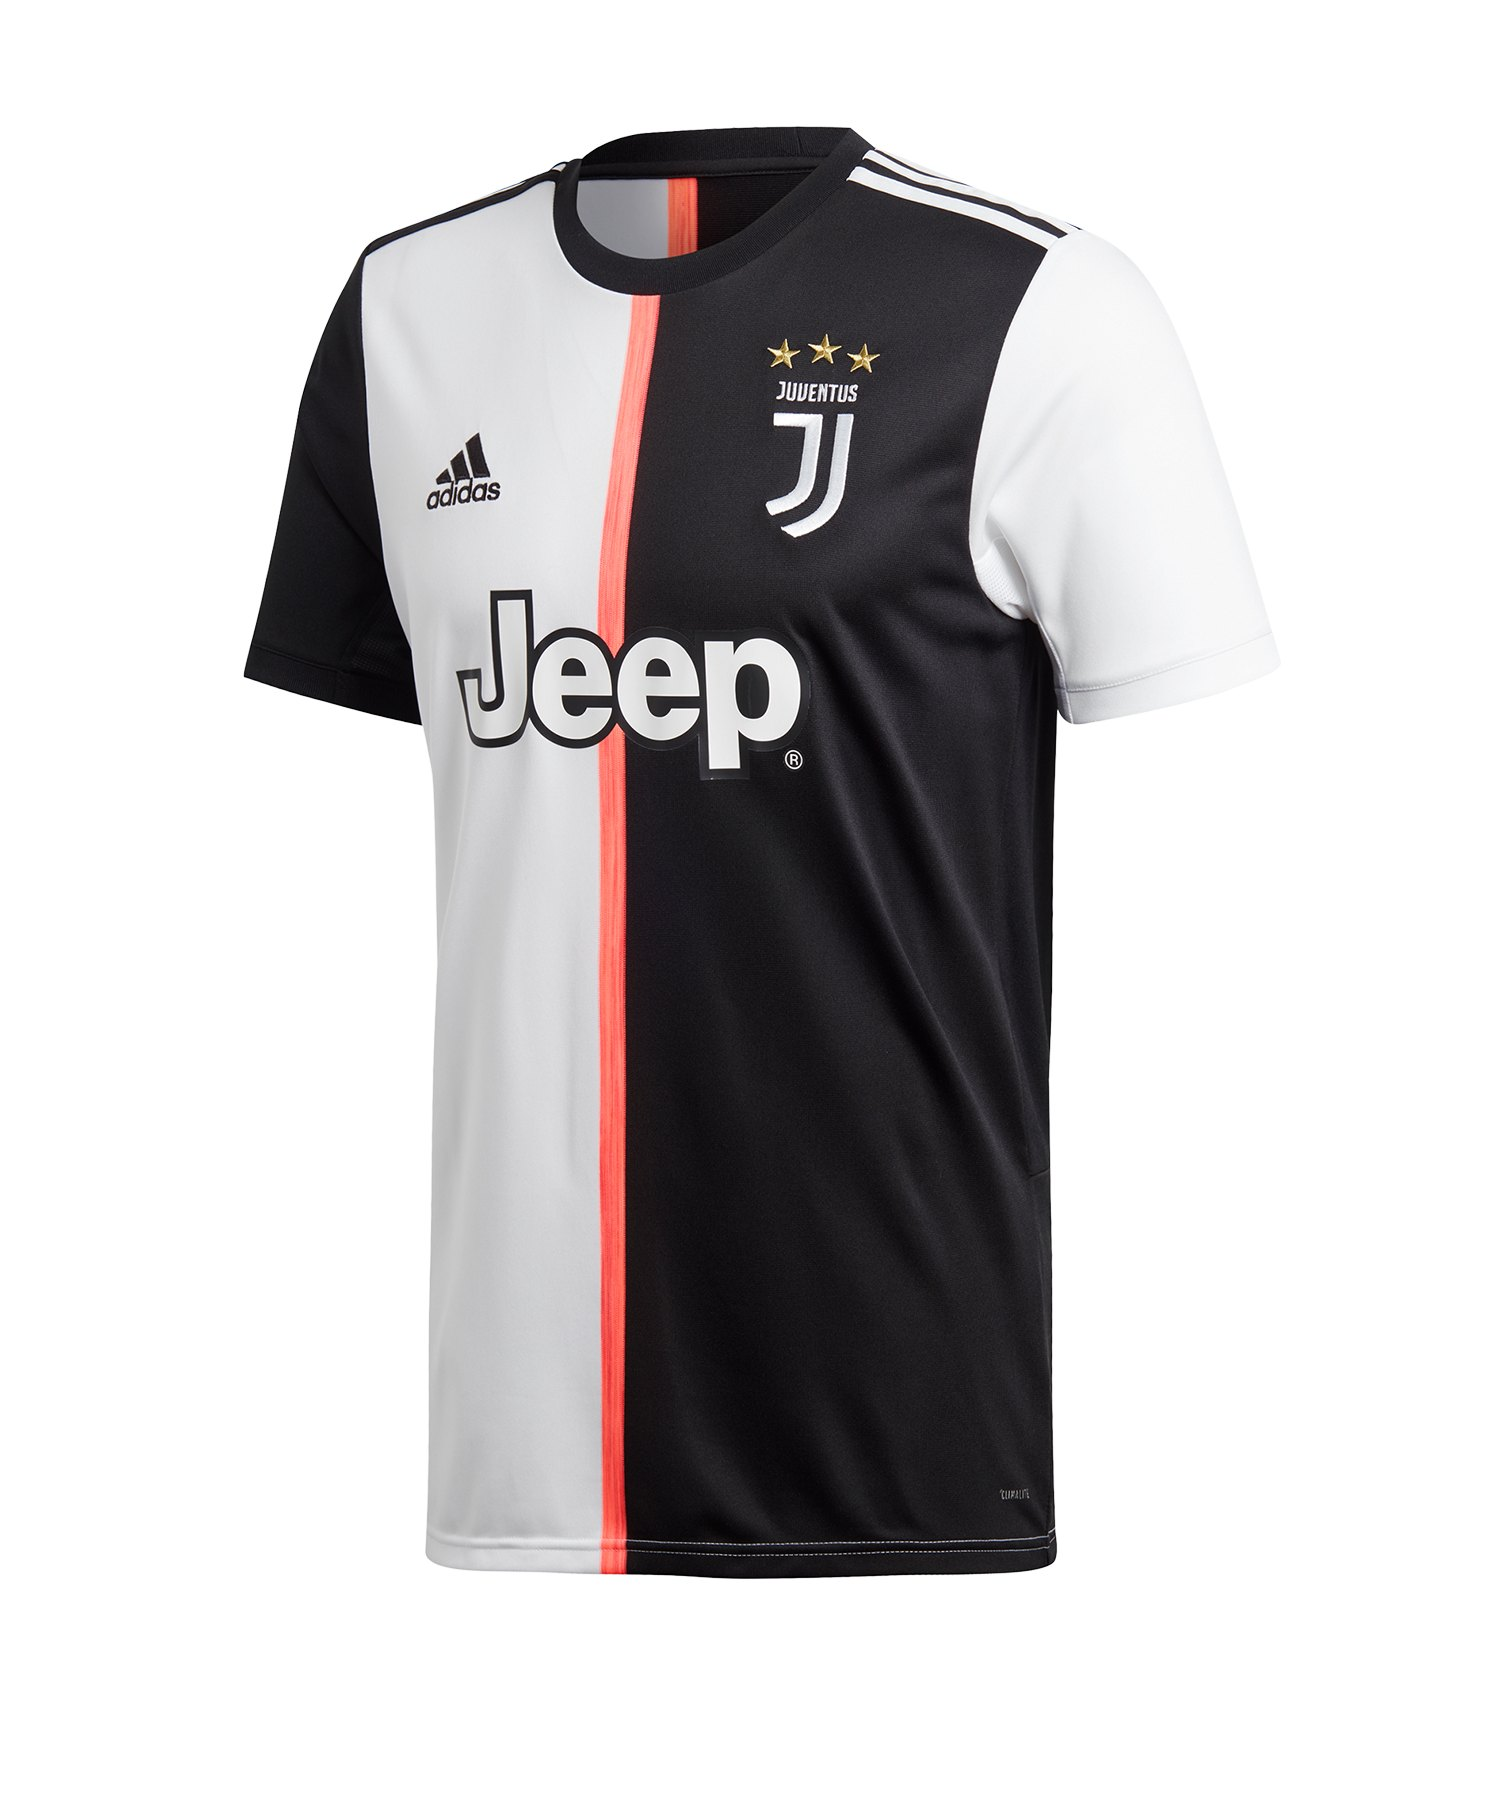 adidas Juventus Turin Trikot Home 2019/2020 - Schwarz